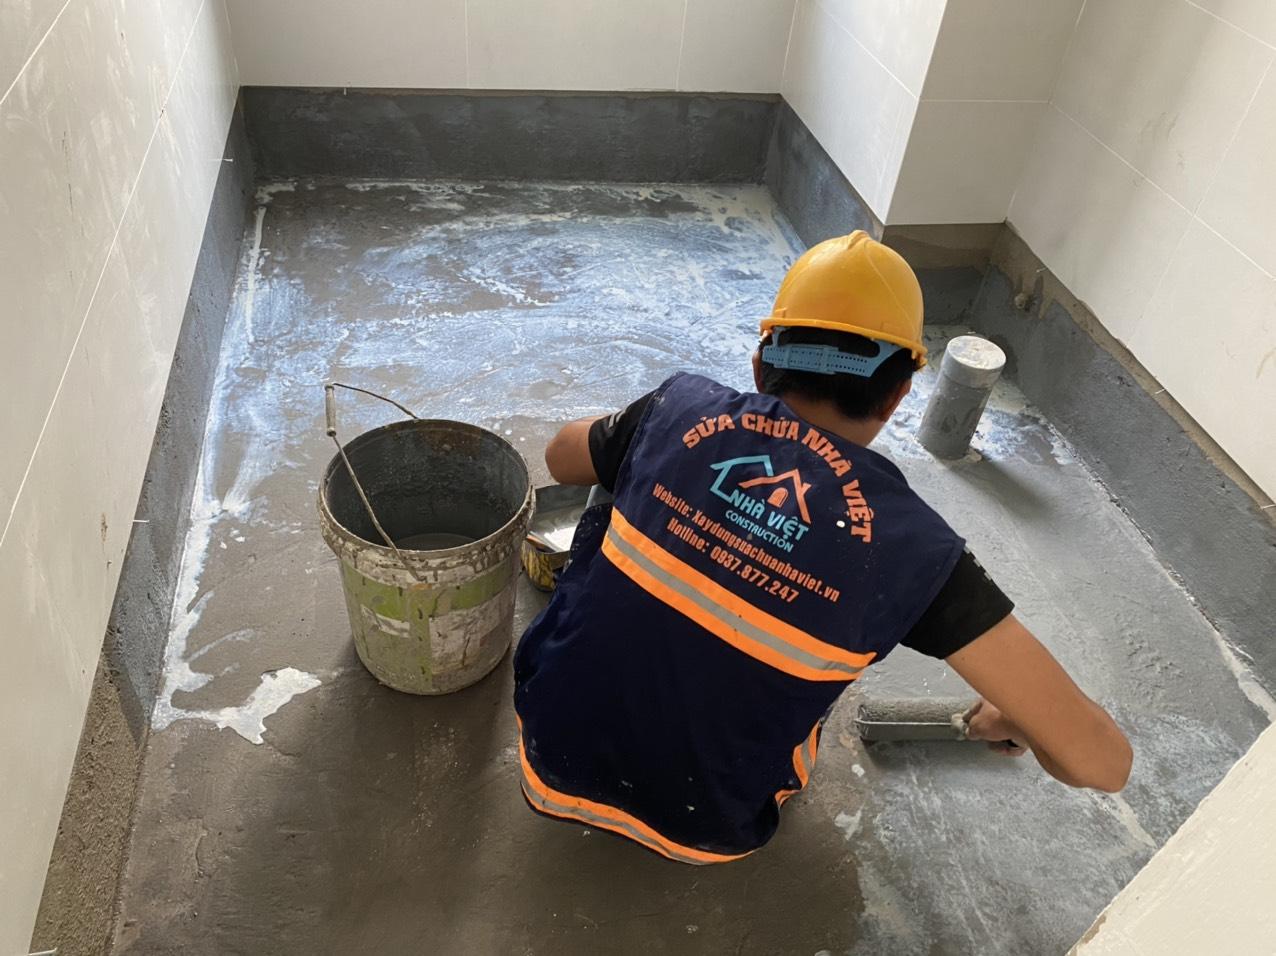 dich vu chong tham nha ve sinh 24h 11 - Dịch vụ sửa ống nước nhà vệ sinh 24h